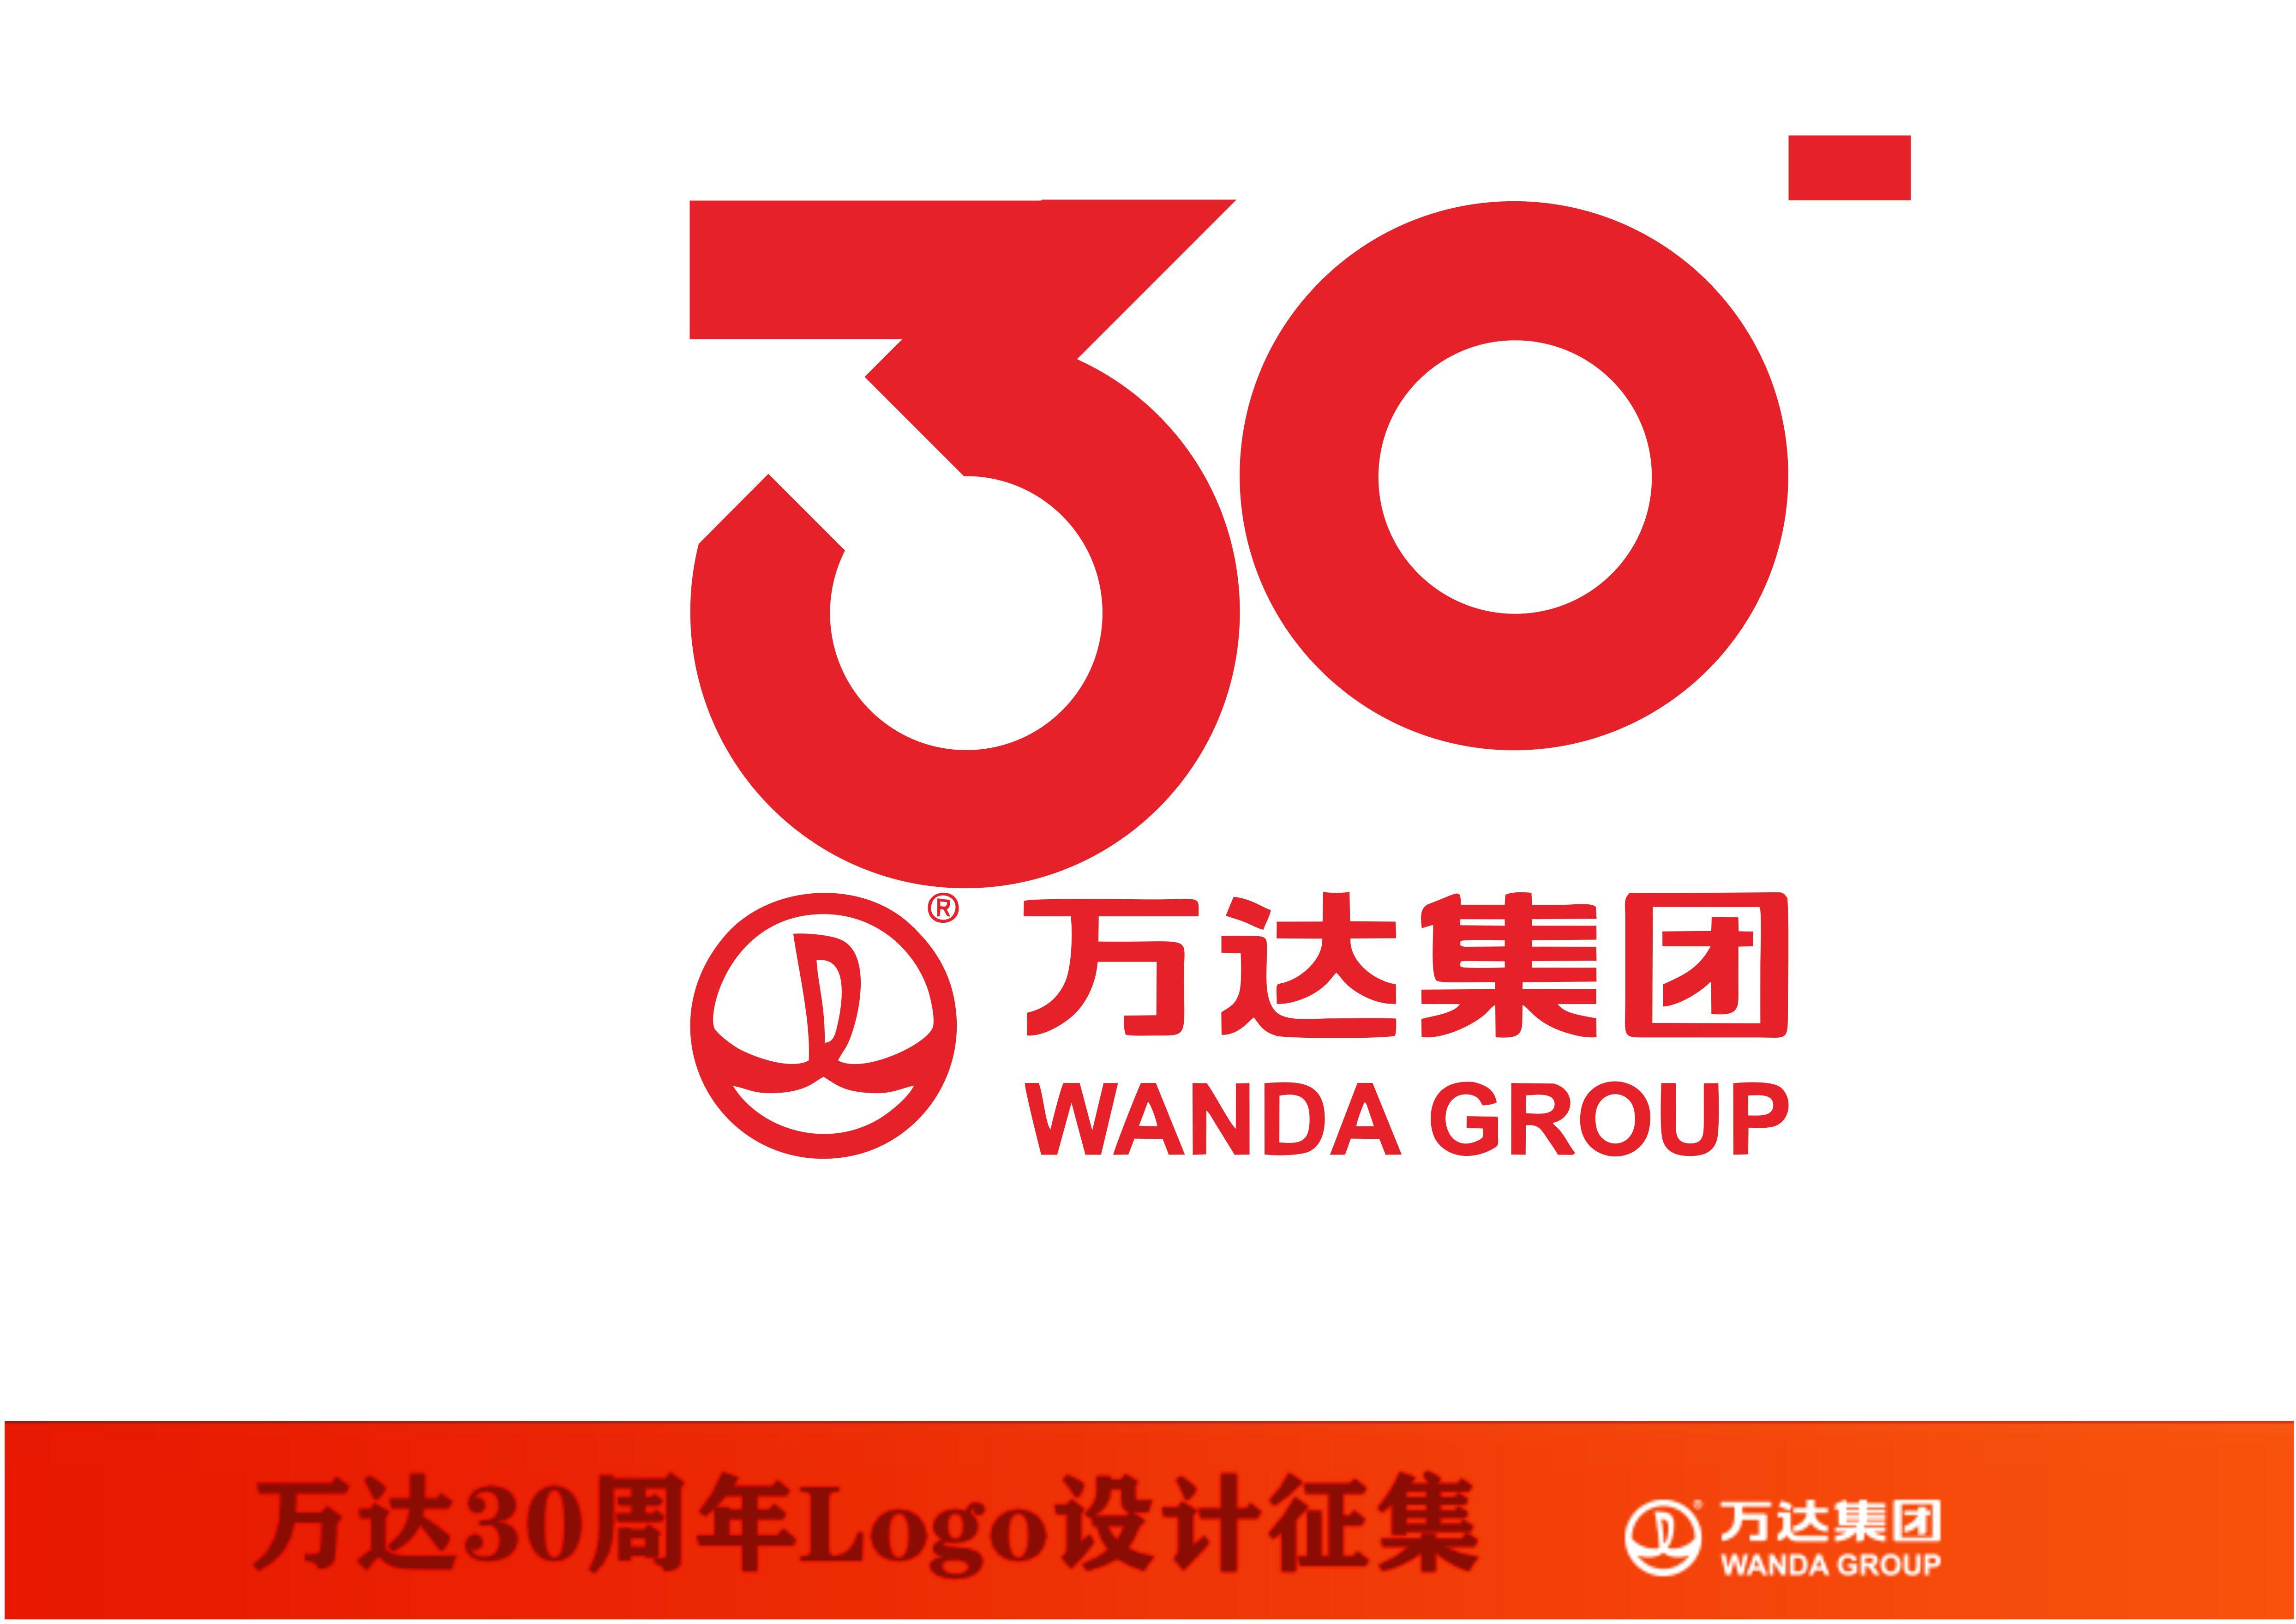 《万达30周年logo设计大赛》图片